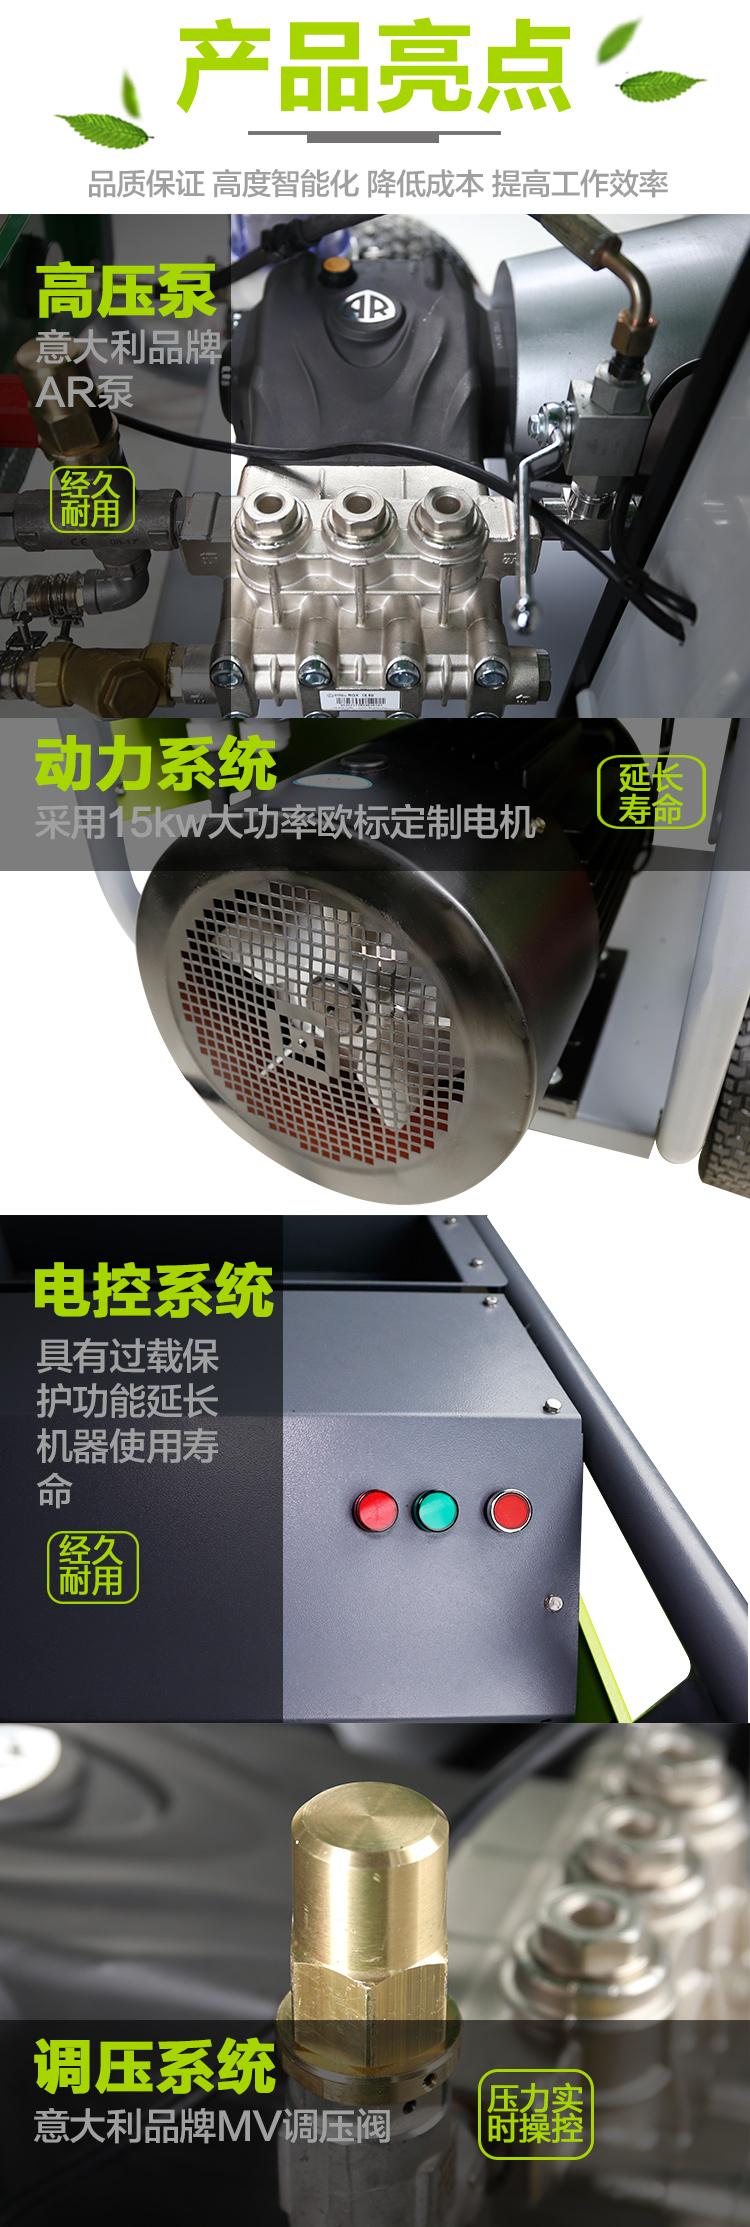 防爆高压清洗机